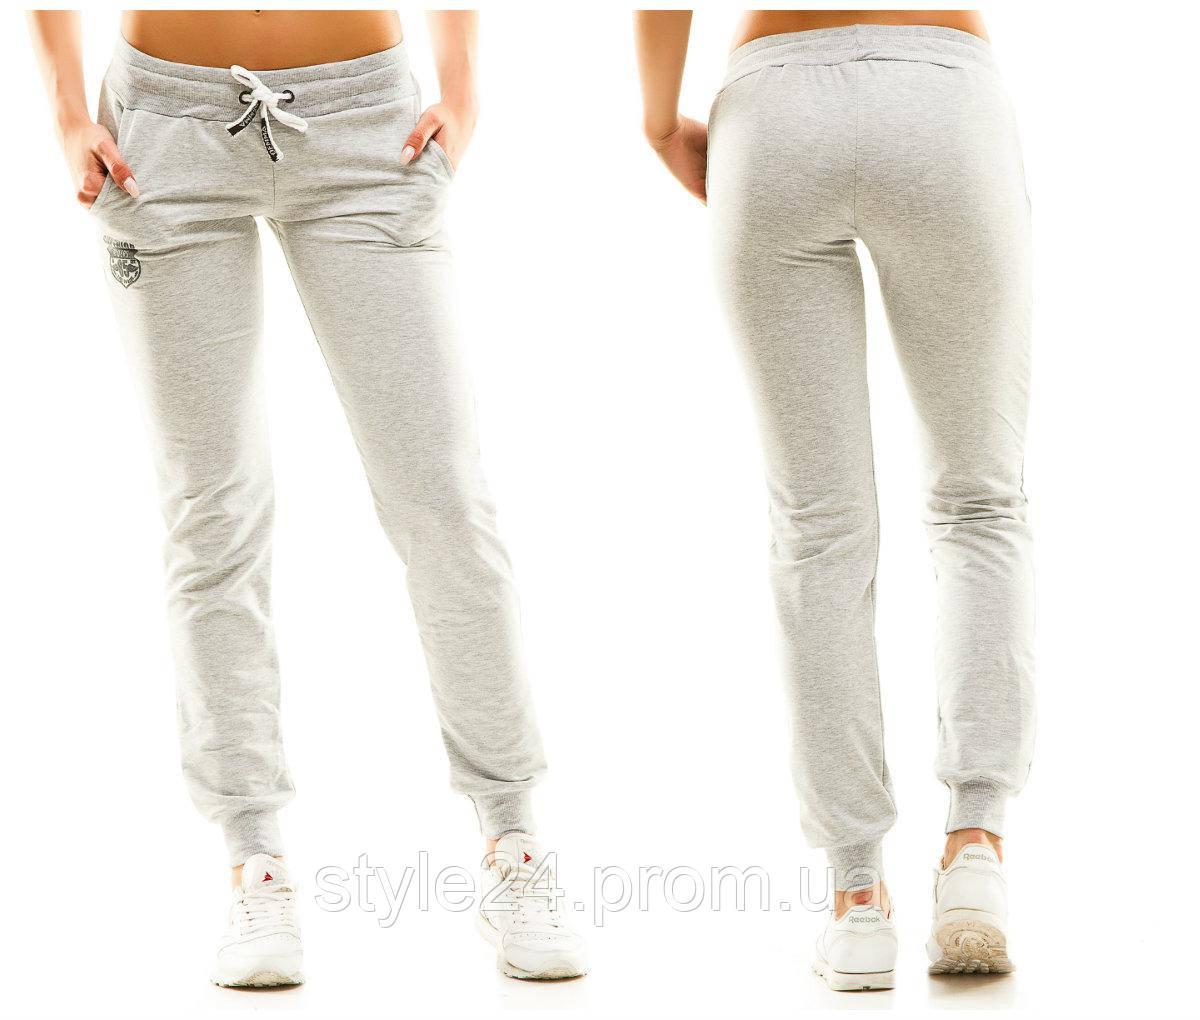 Жіночі спортивні штани з емблемою.Р-ри 44-50 5f8a8fbaeba94